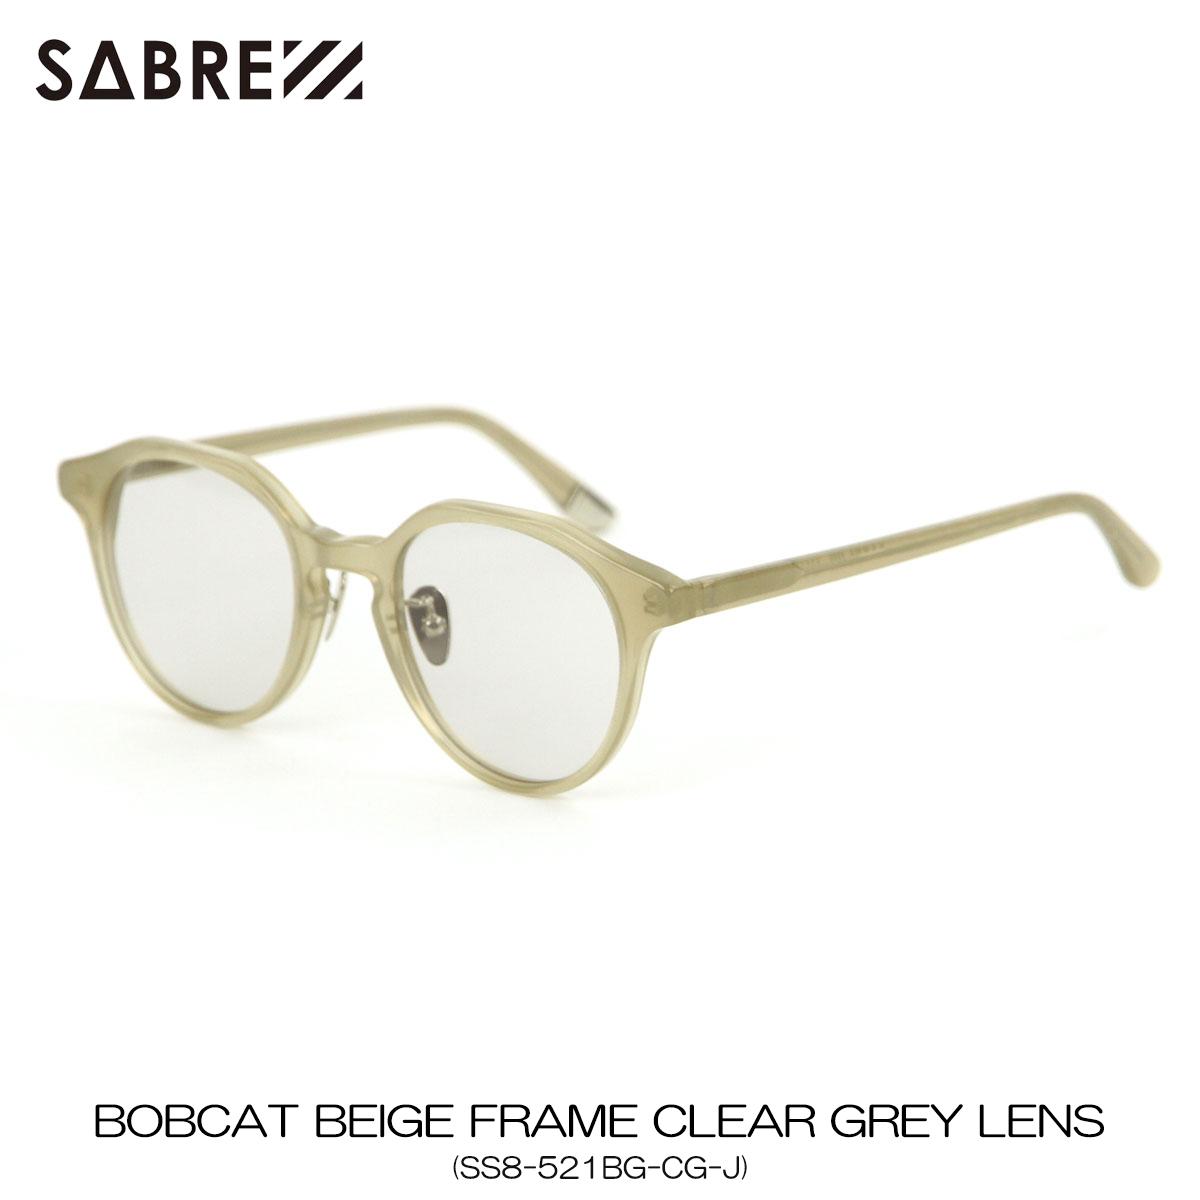 セイバー サングラス 正規販売店 SABRE セイバー ボブキャット BOBCAT BEIGE FRAME CLEAR GREY LENS SUNGLASS SS8-521BG-CG-J A55B B3C C3D D1E E04F